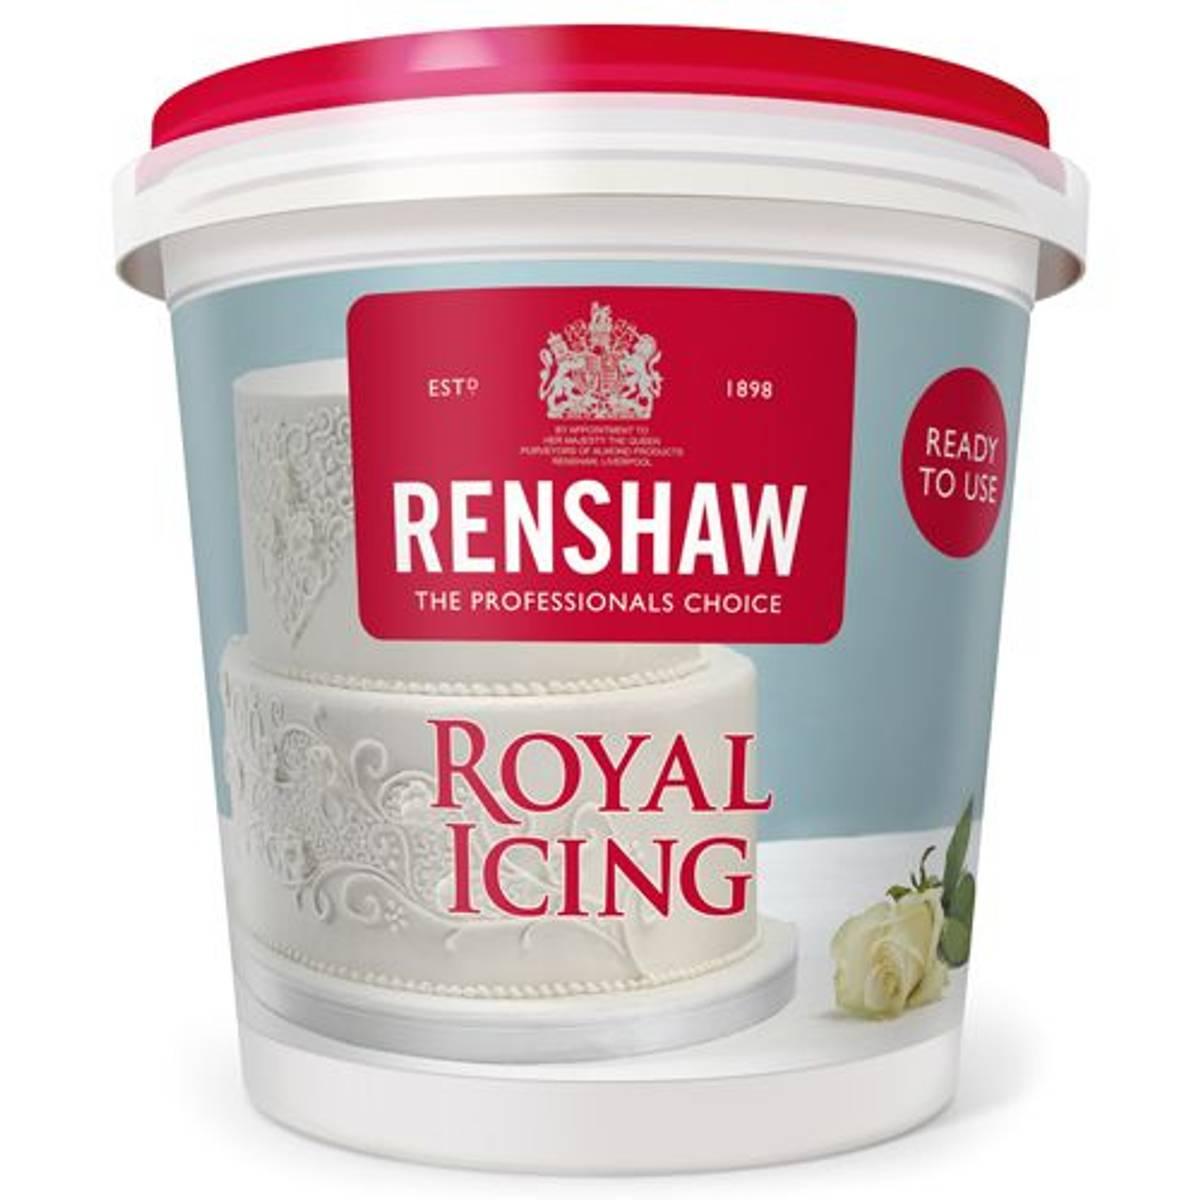 Renshaw Royal Icing, 400 G